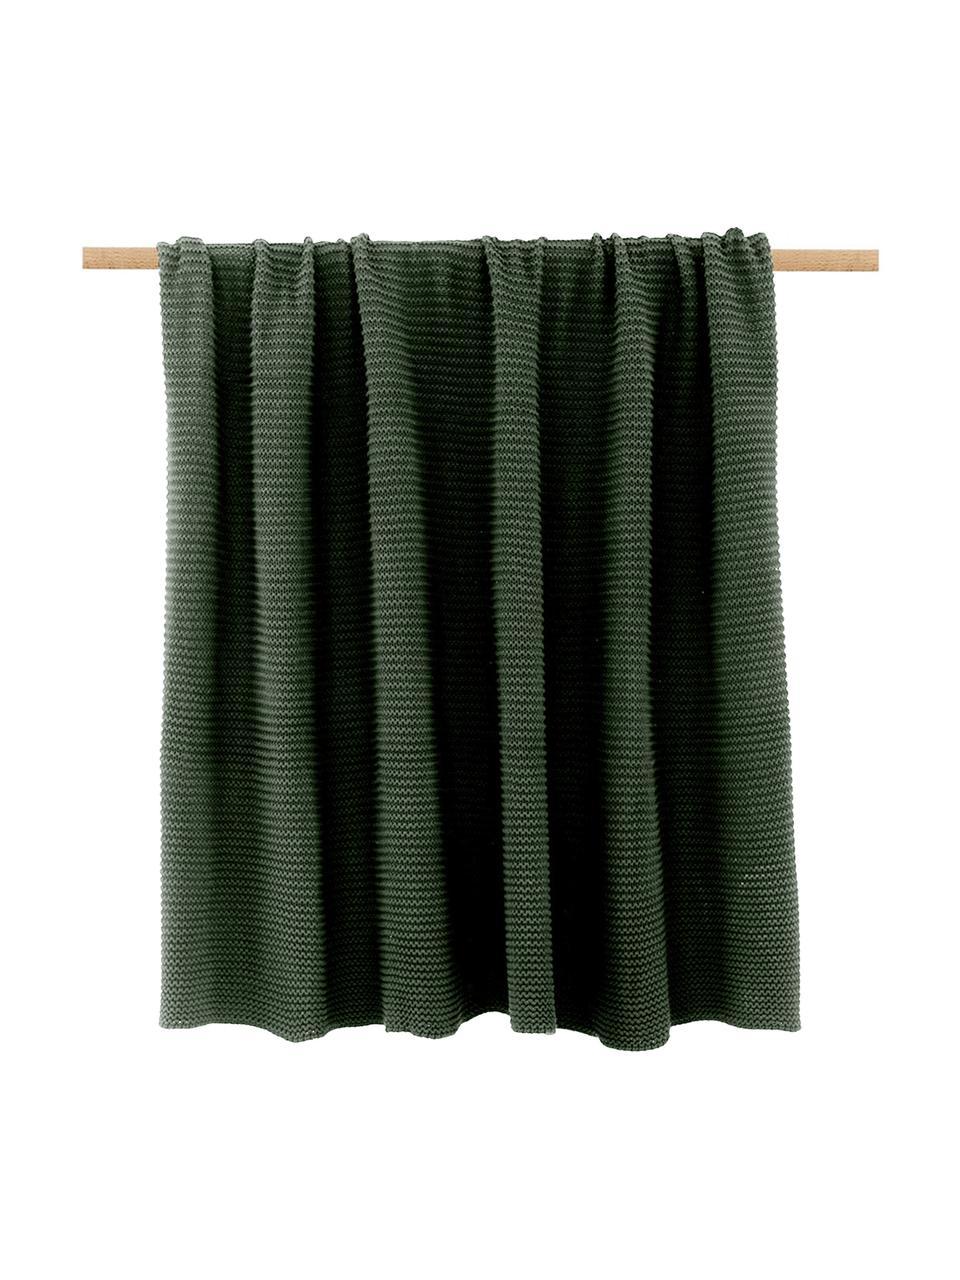 Plaid fatto a maglia in cotone biologico verde scuro Adalyn, 100% cotone biologico, certificato GOTS, Verde, Larg. 150 x Lung. 200 cm